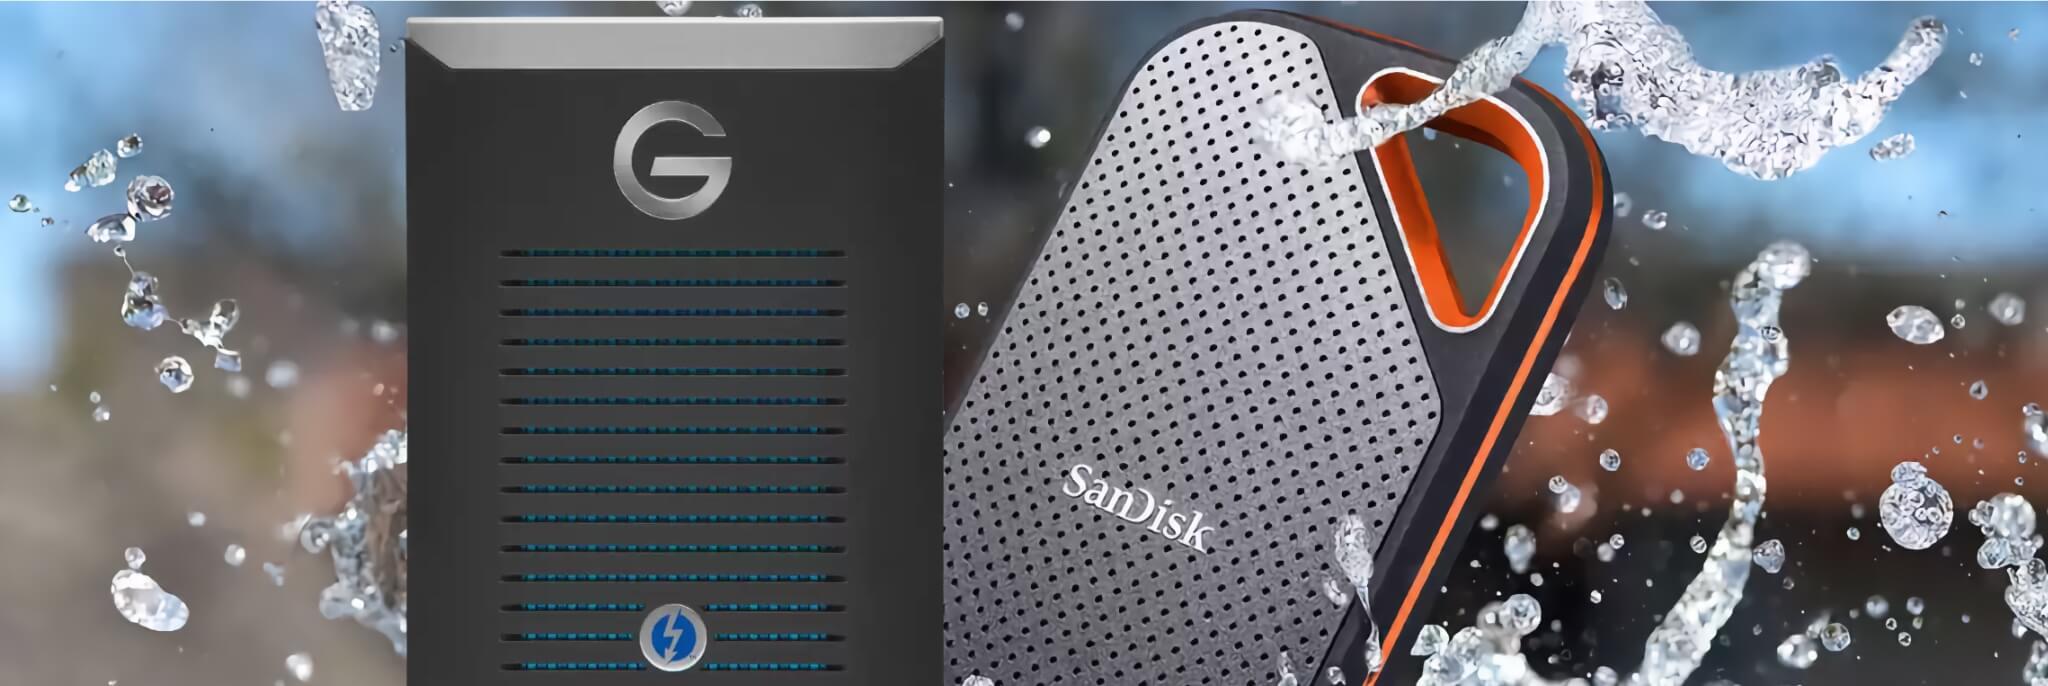 A ještě rychleji… Externí SSD disky SanDisk a G-drive